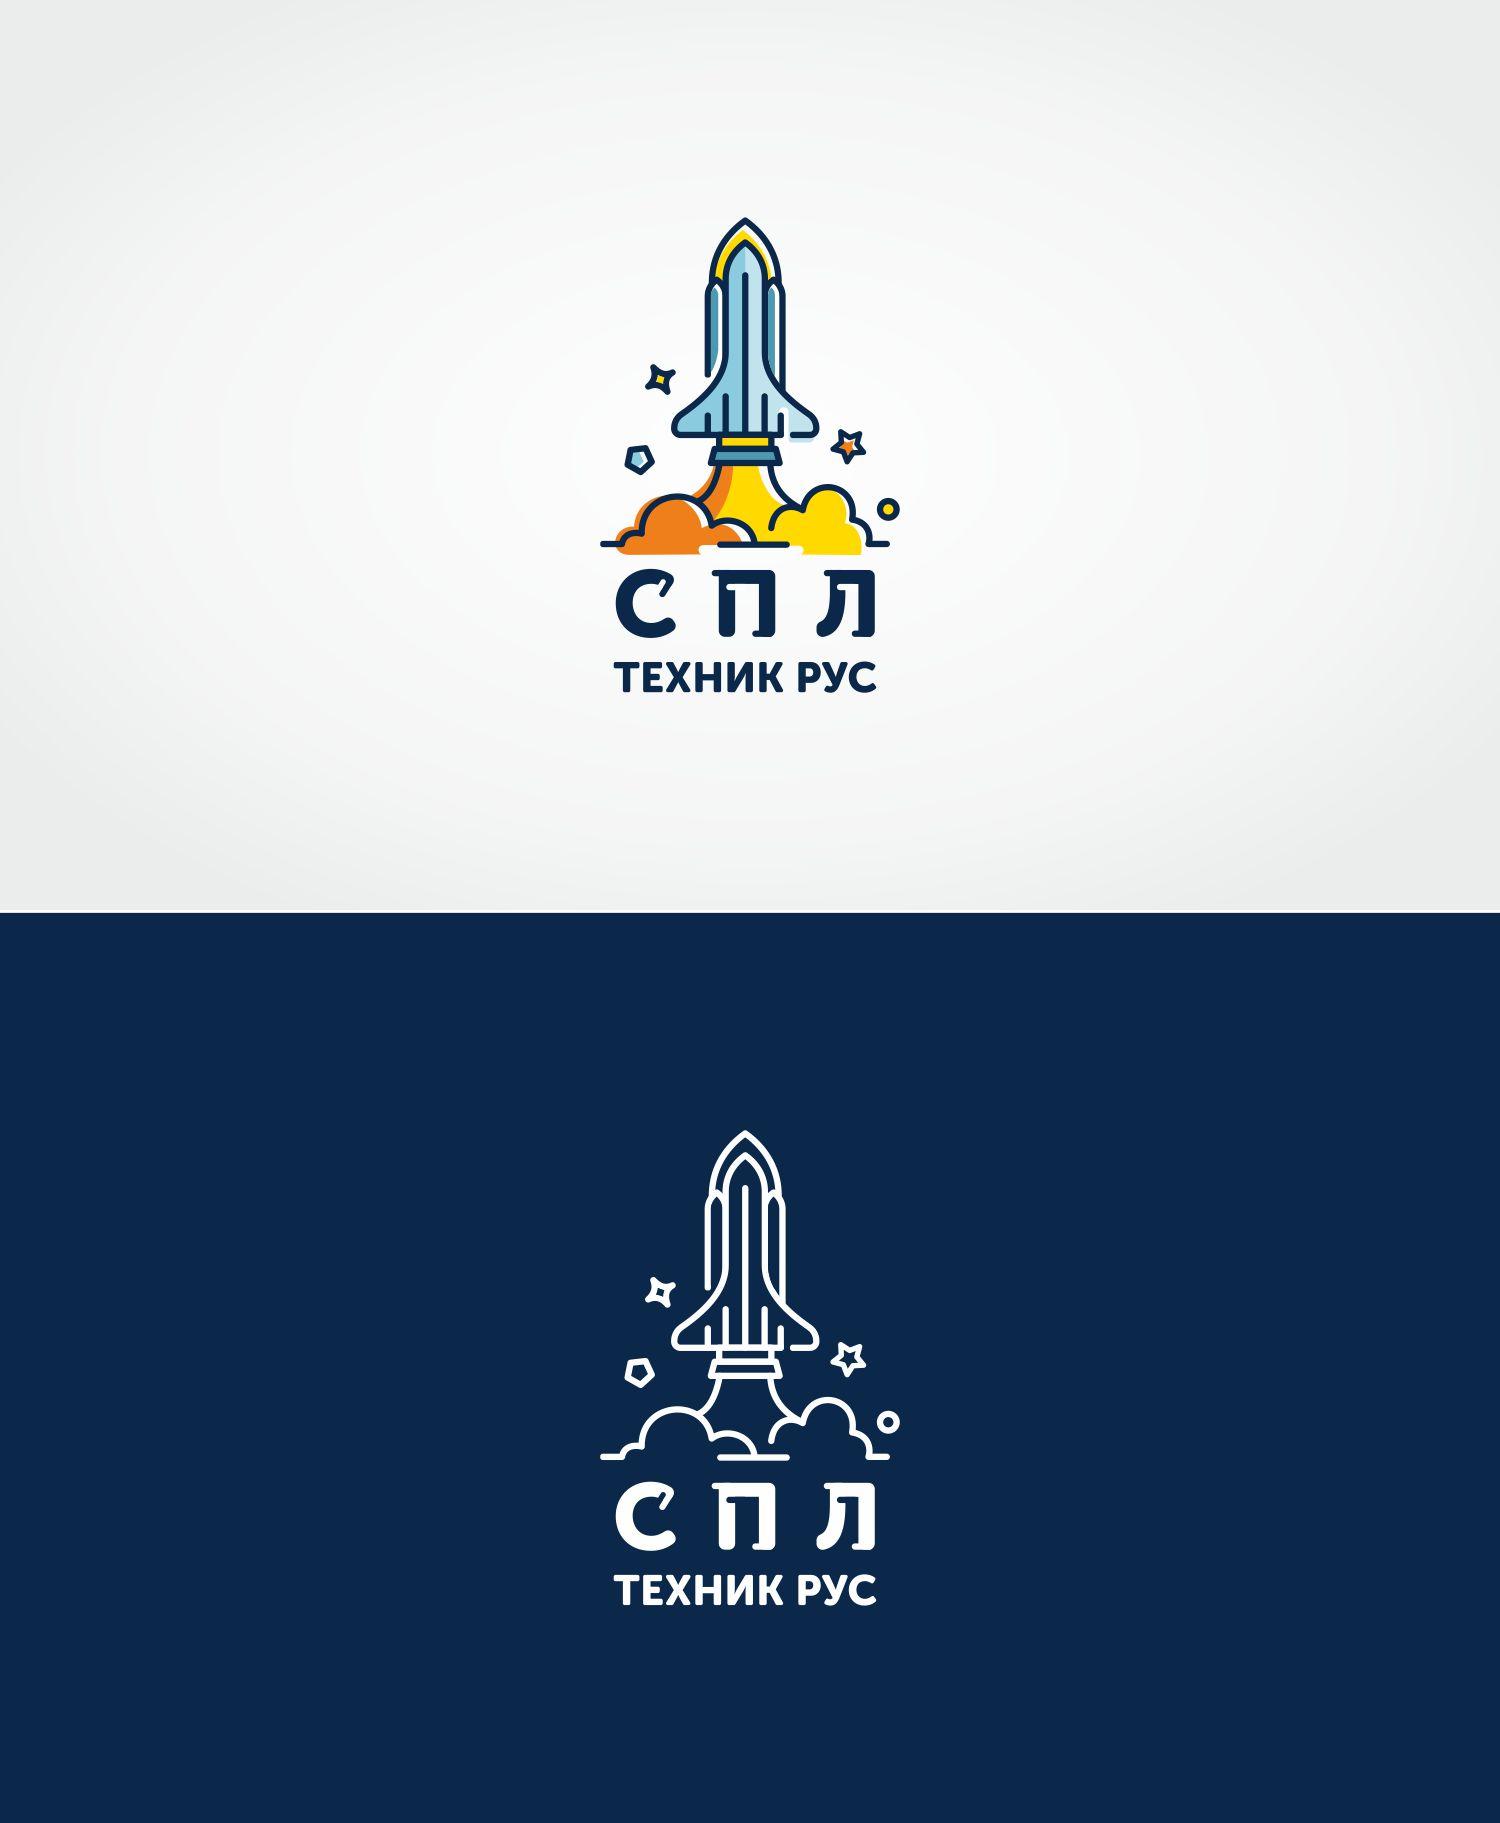 Разработка логотипа и фирменного стиля фото f_40359b100700df10.jpg